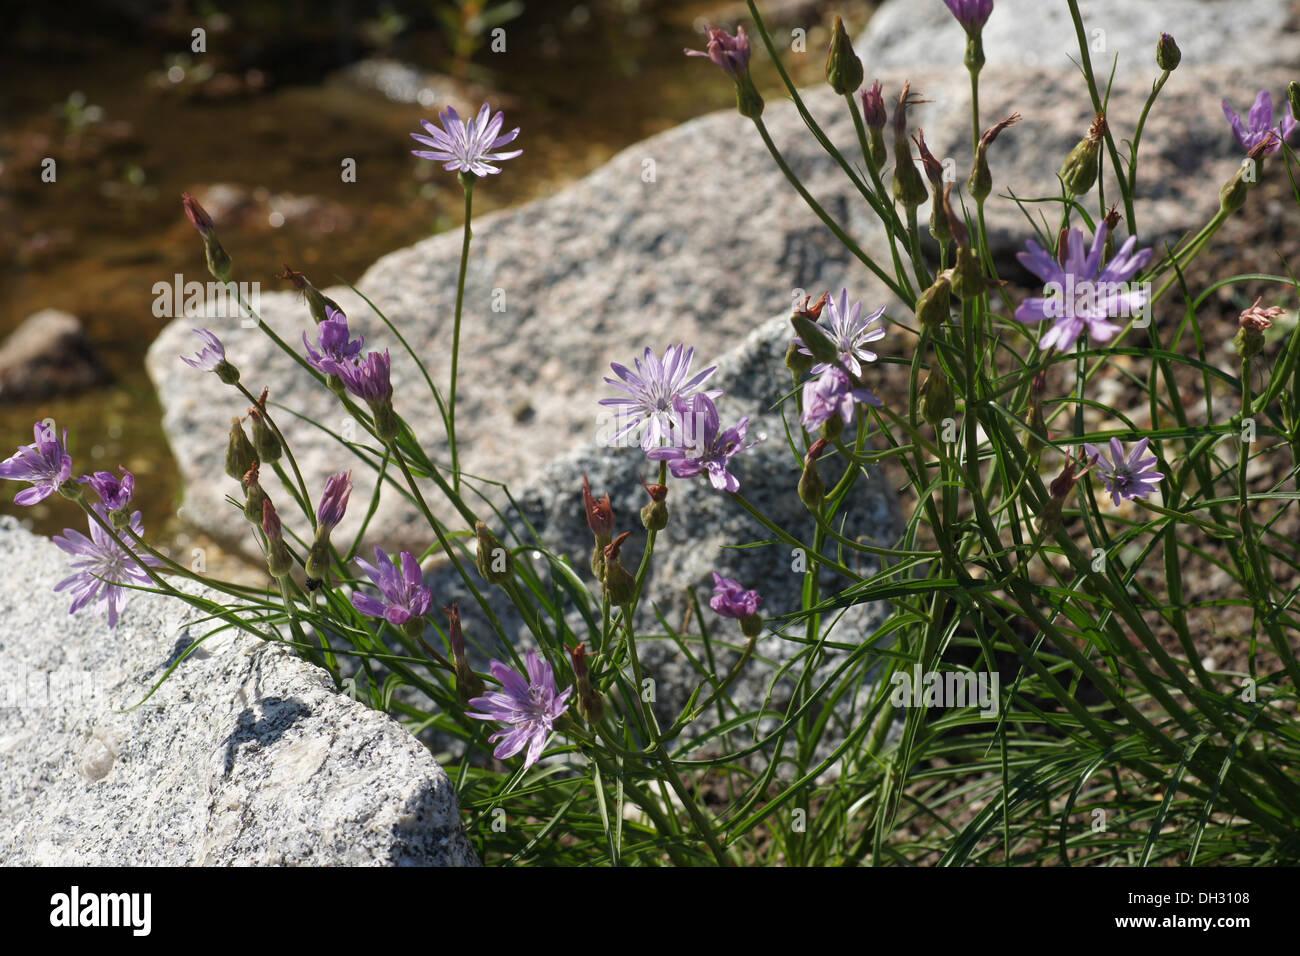 Tragopogon porrifolius - Wikipedia